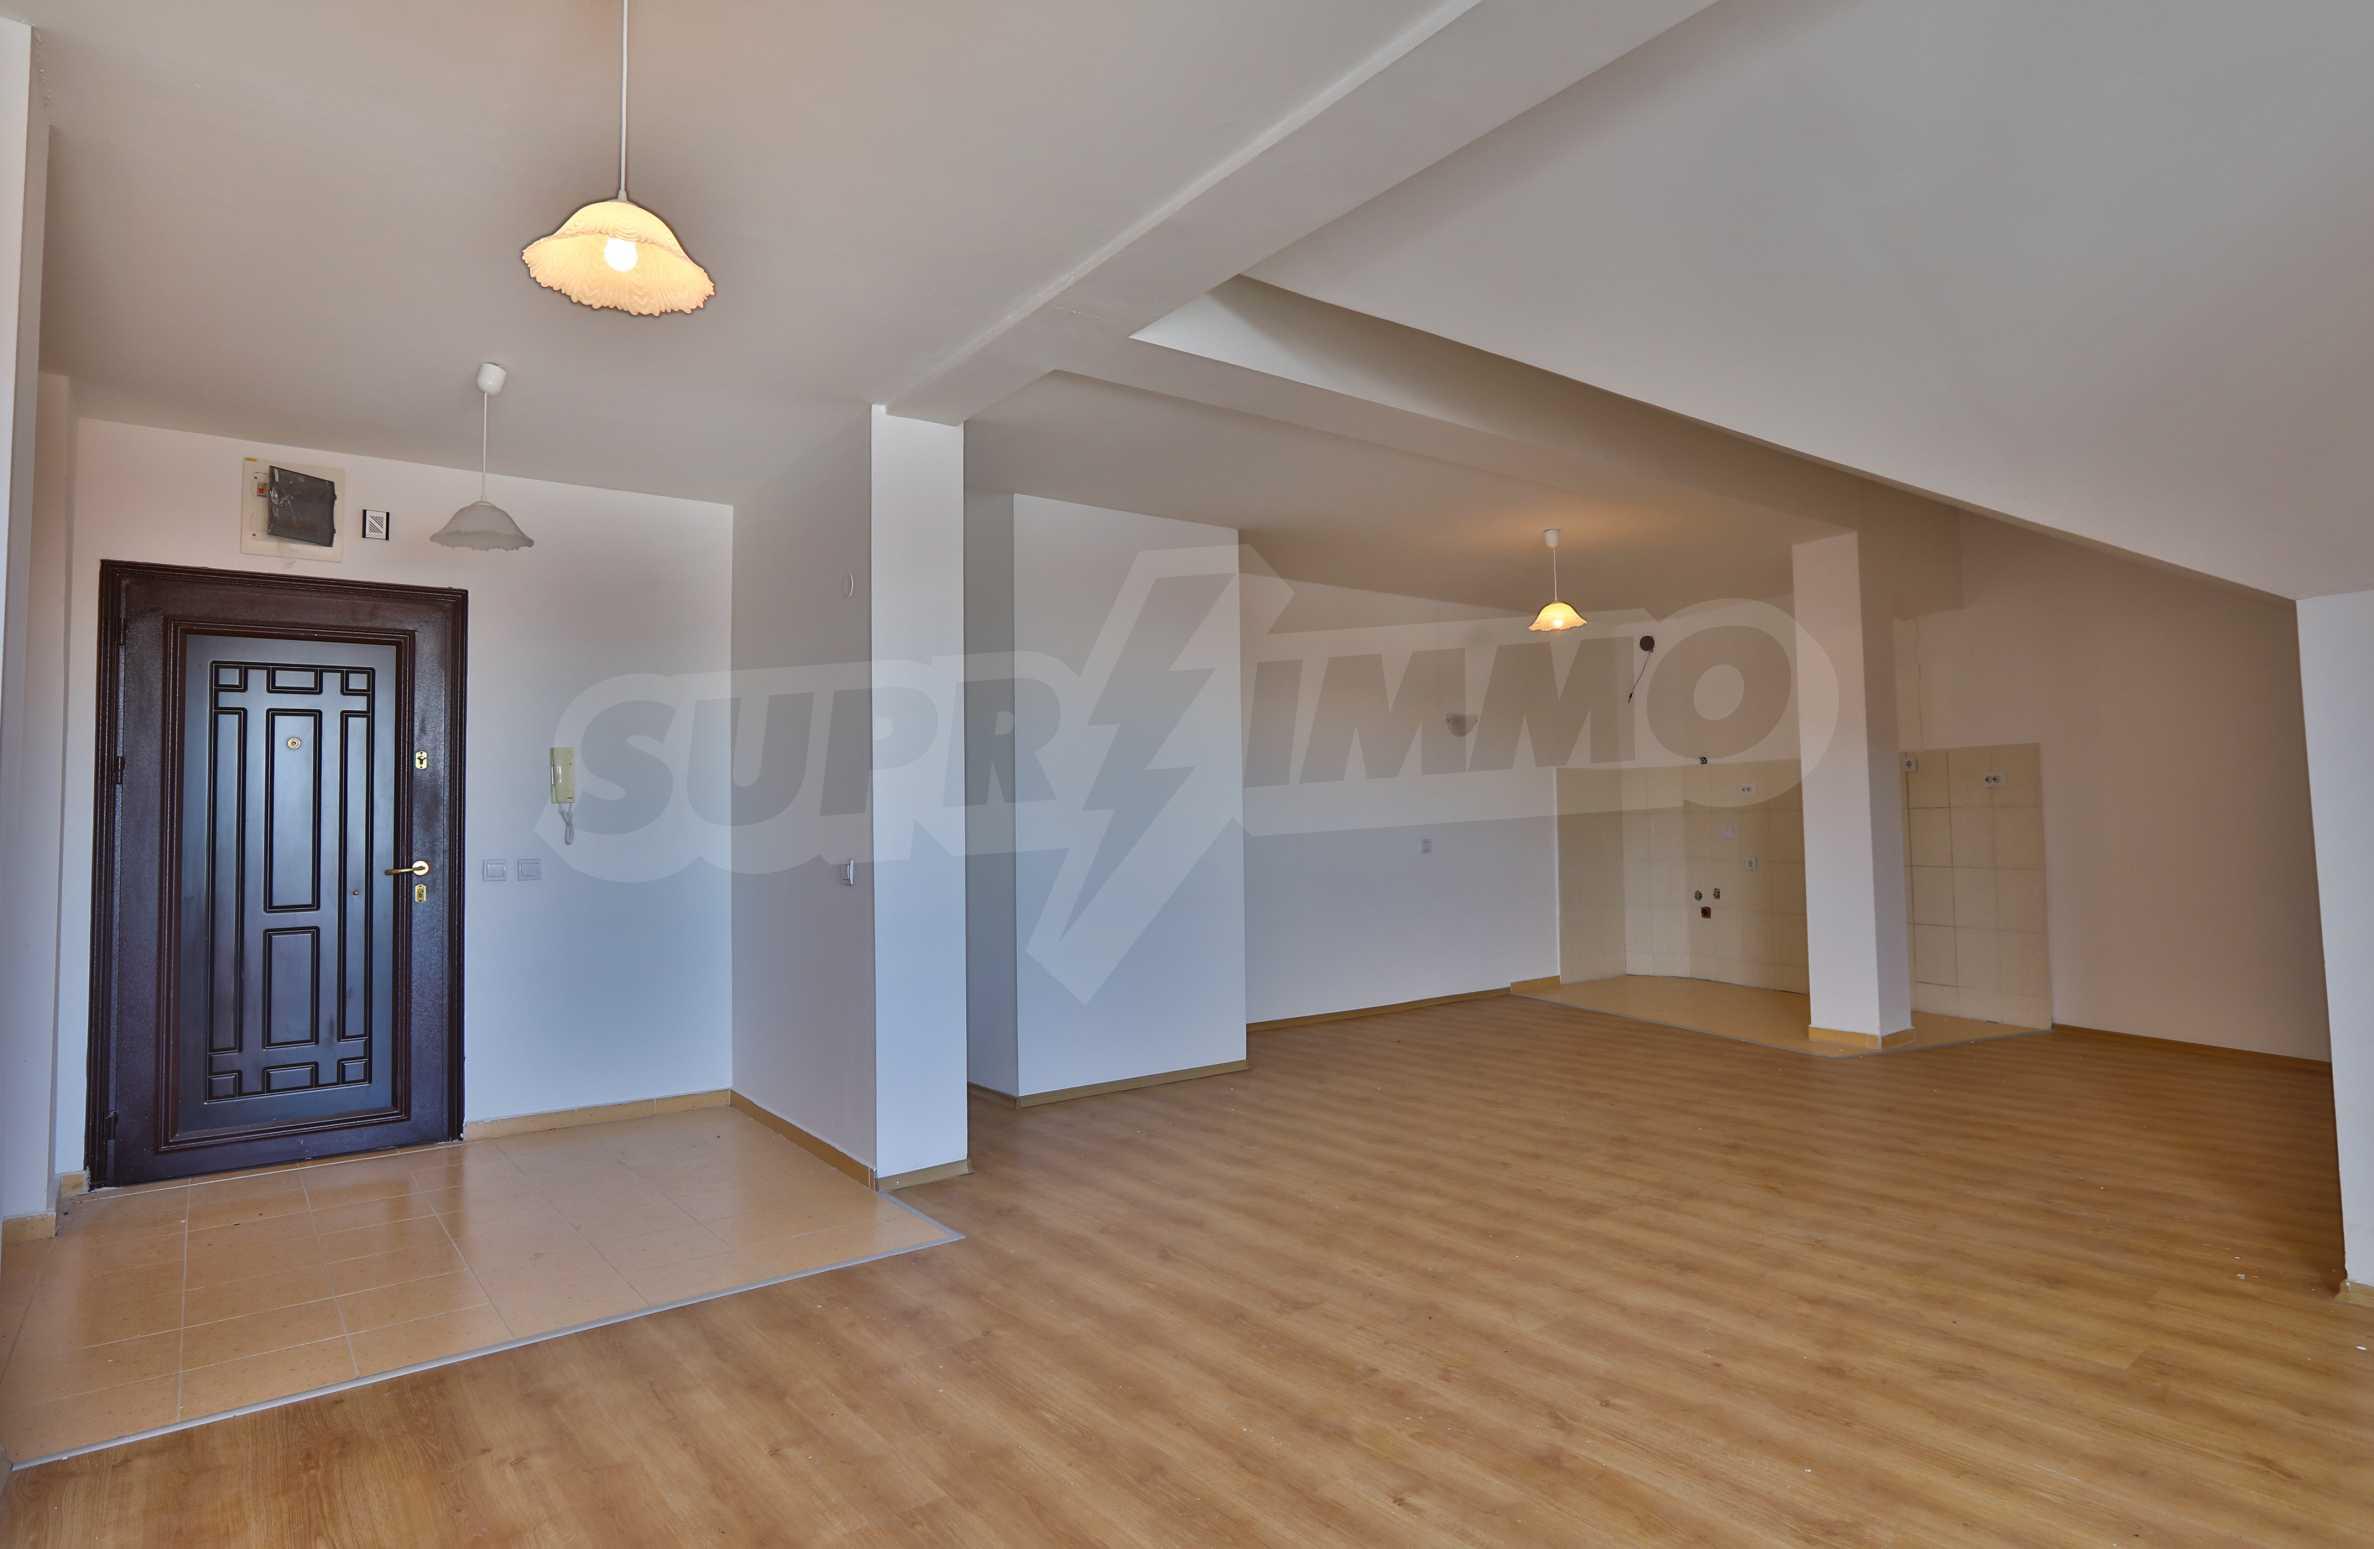 Erstklassige Wohnungen zum Verkauf Meter von der Yastrebets-Strecke in Borovets entfernt 8